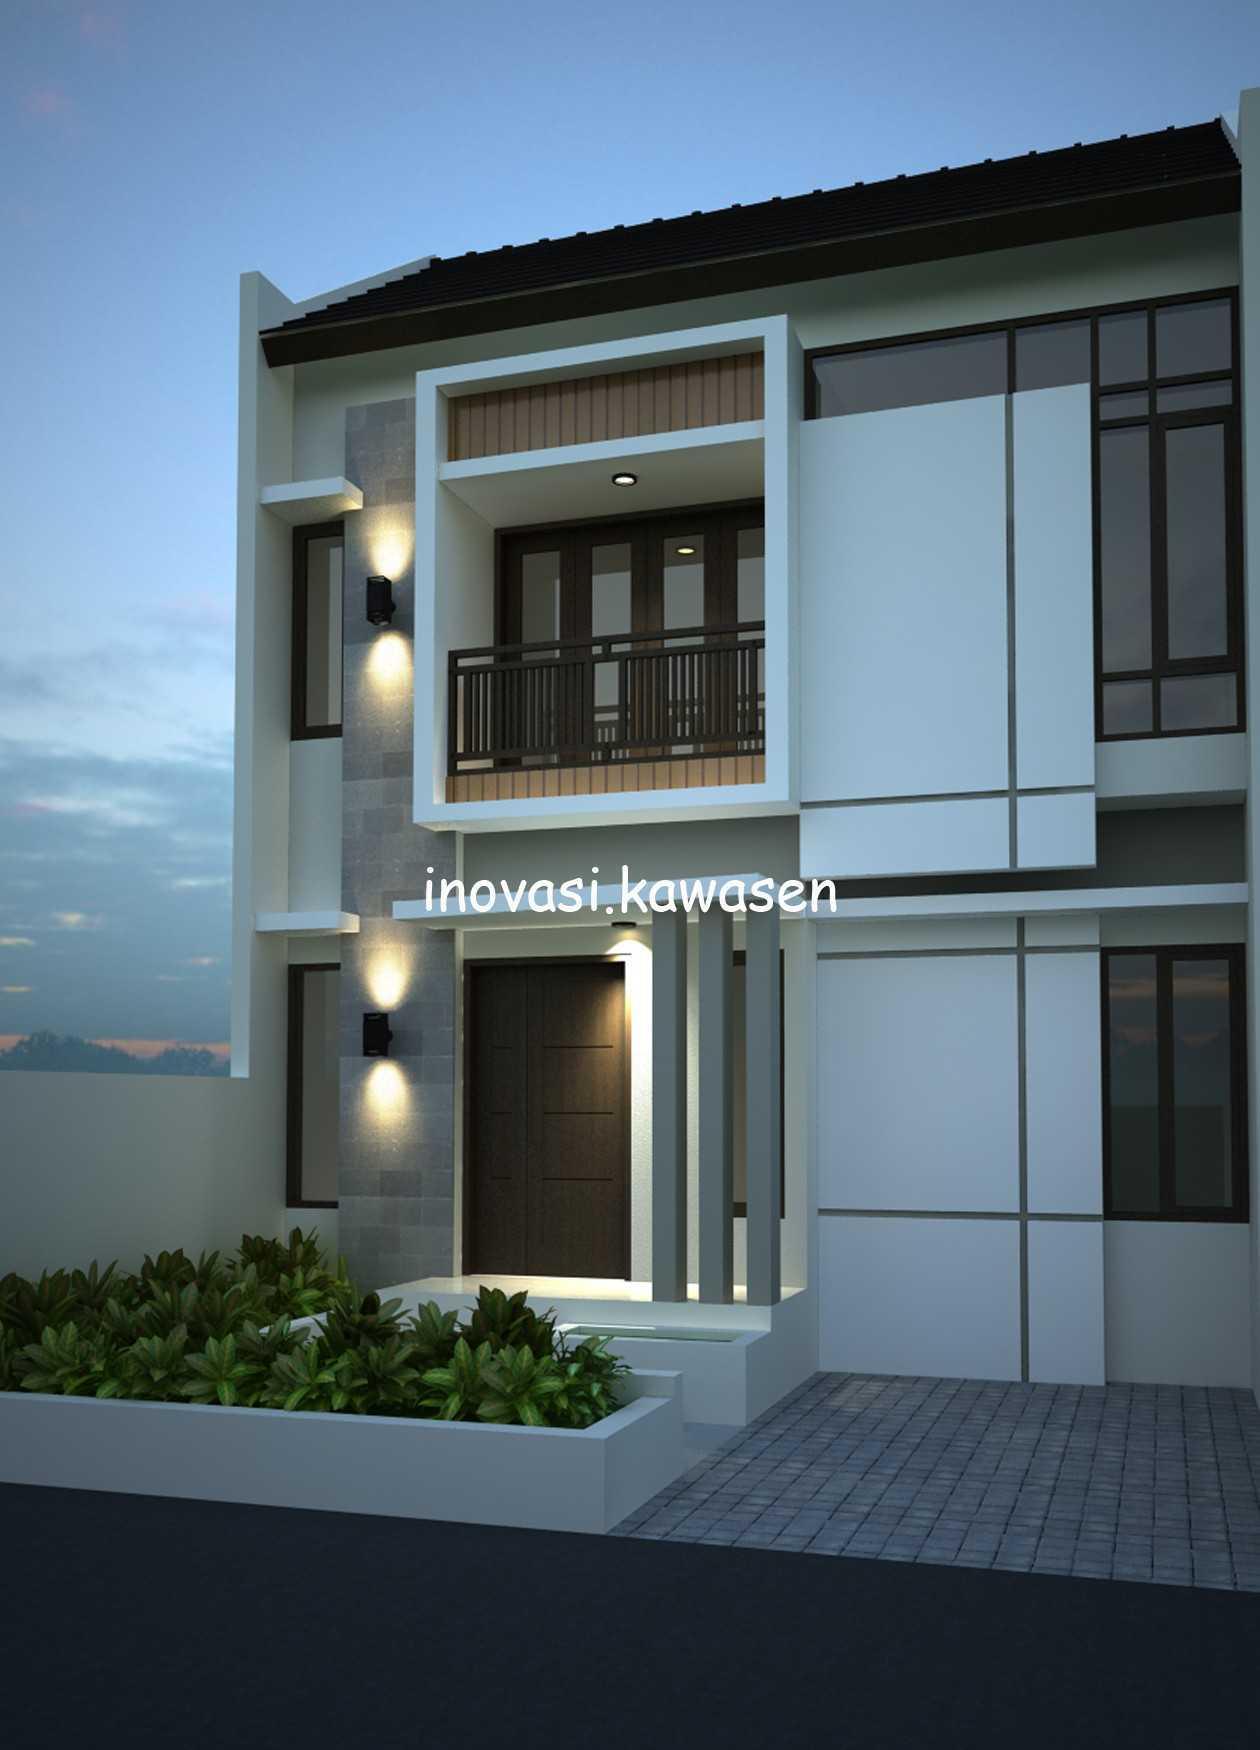 Inovasi Kawasen Renovasi Rumah Type 45 ( Desain ) Kota Depok, Jawa Barat, Indonesia Kota Depok, Jawa Barat, Indonesia Inovasi-Kawasen-Renovasi-Rumah-Type-45-Desain-  89831